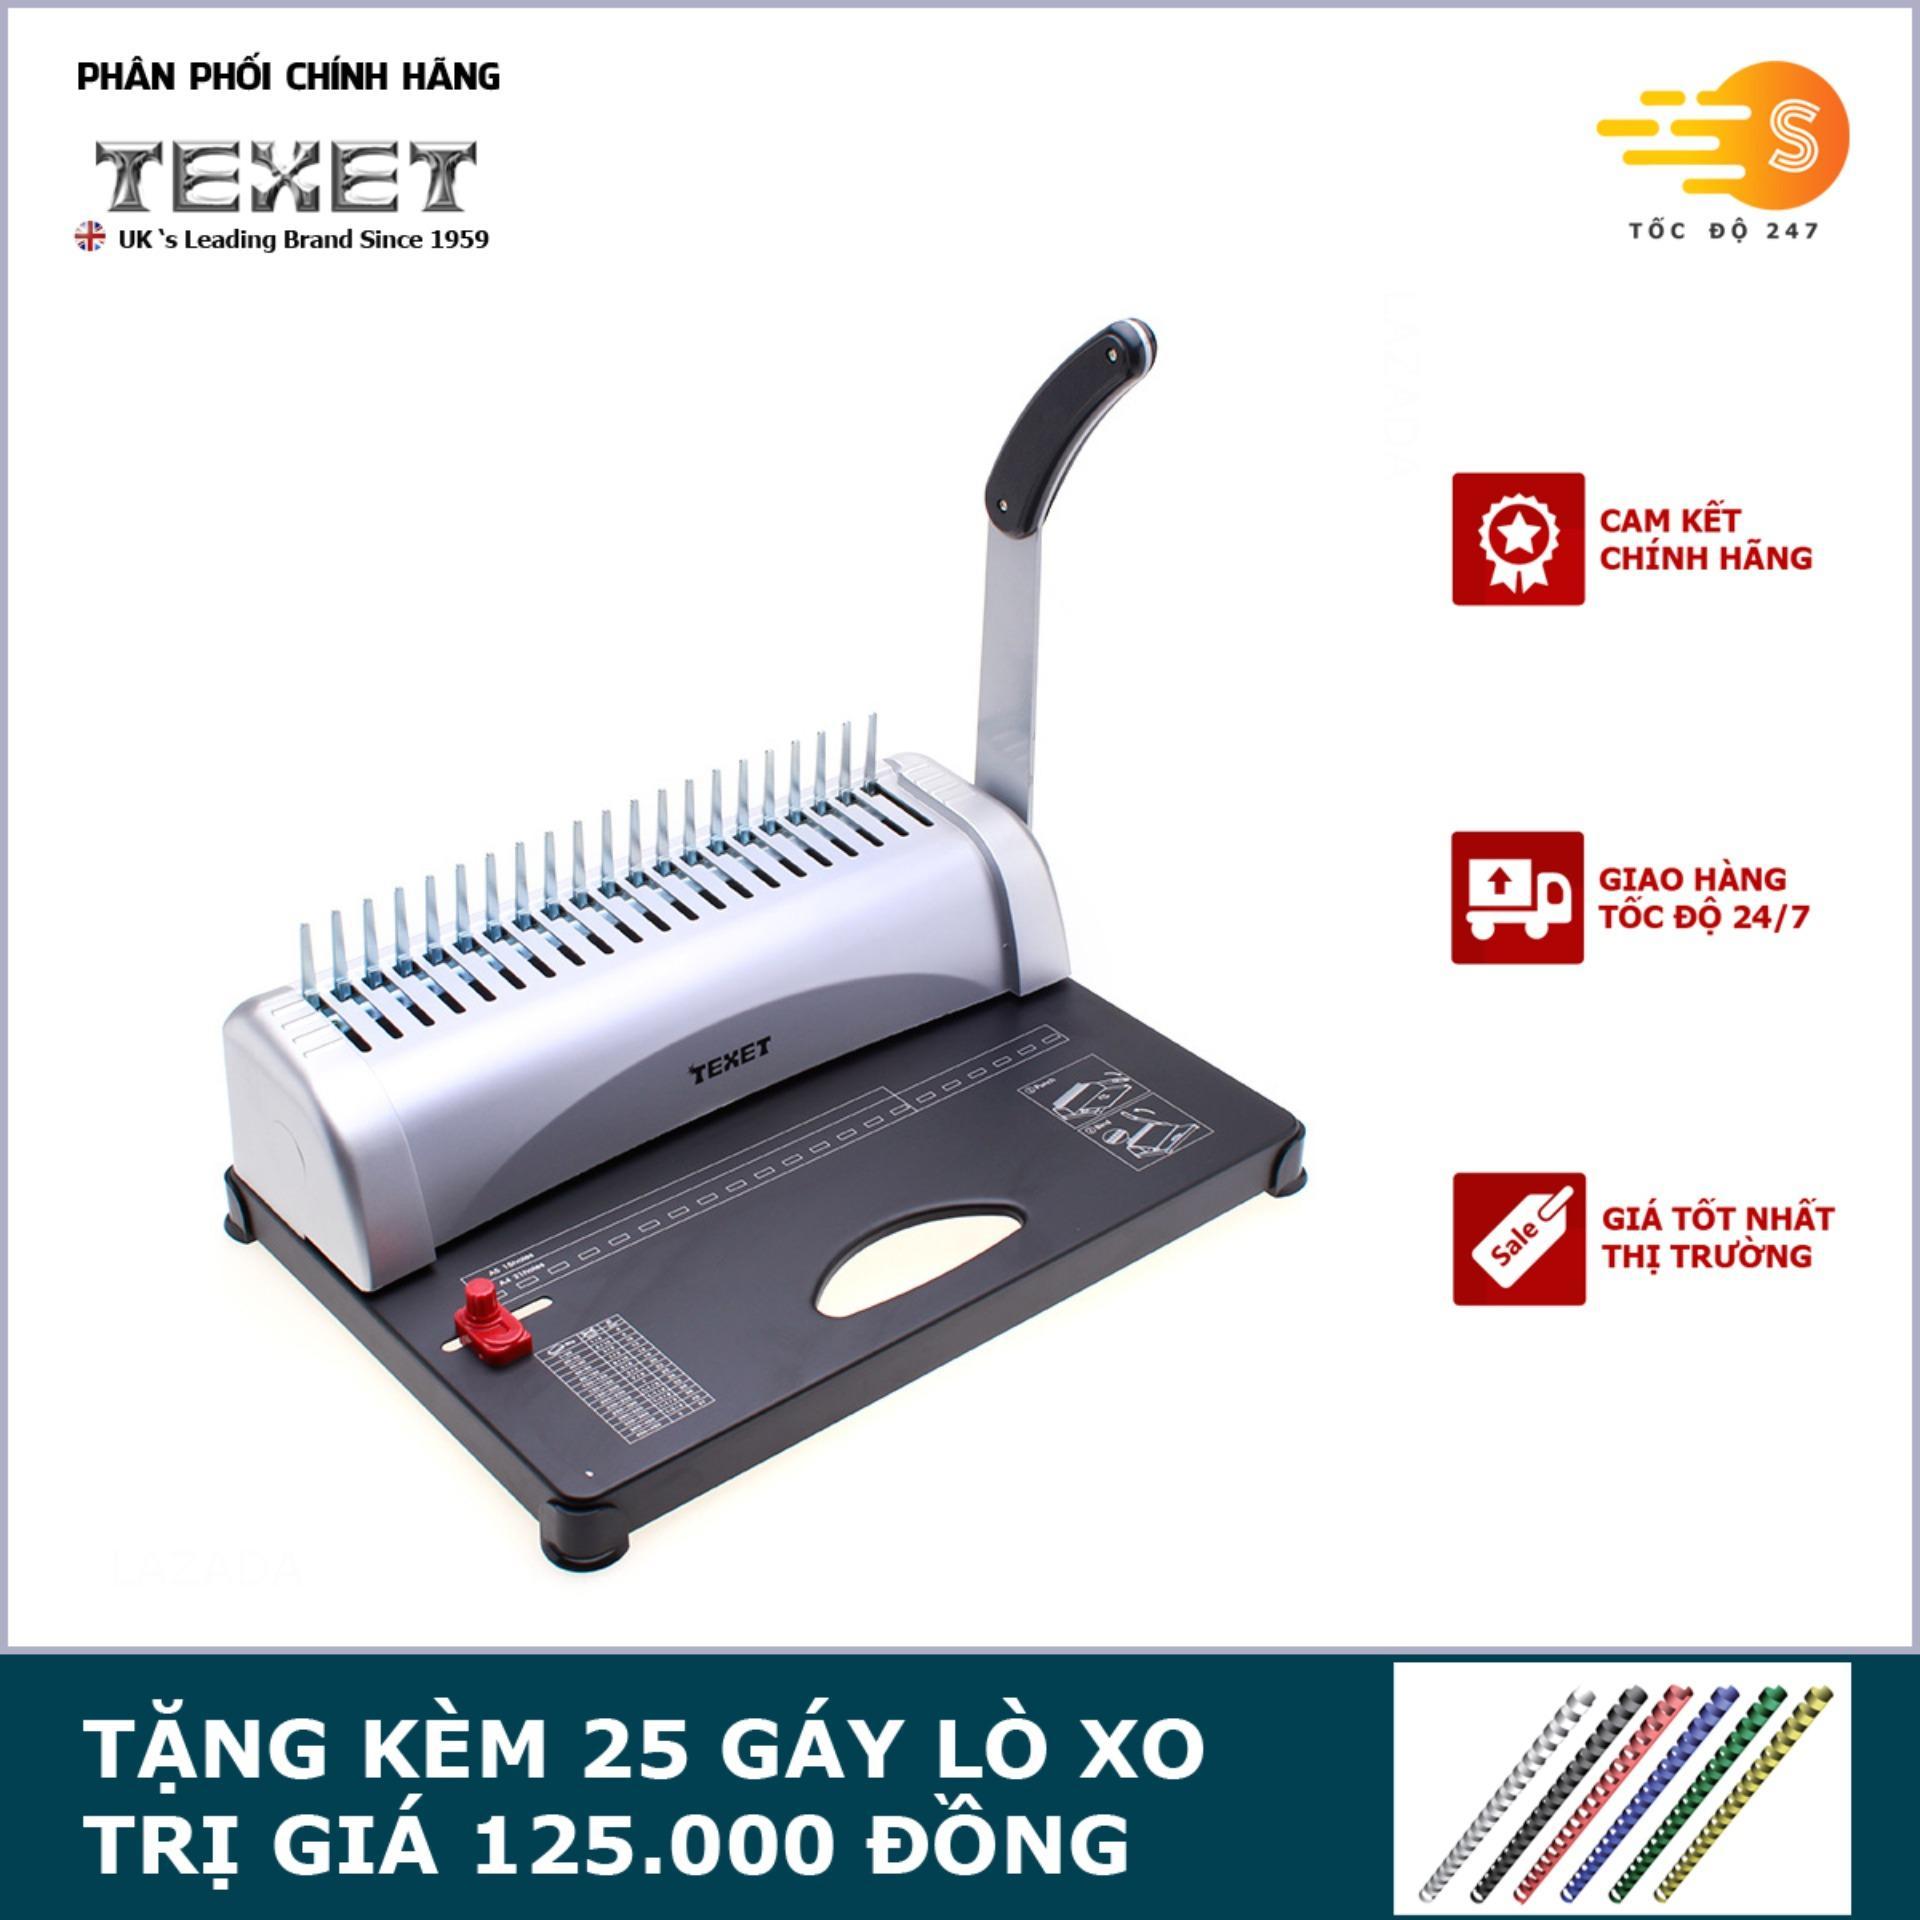 Máy đóng gáy lò xo cao cấp TEXET CB-12-450N - Tặng kèm 25 gáy lò xo TEXET